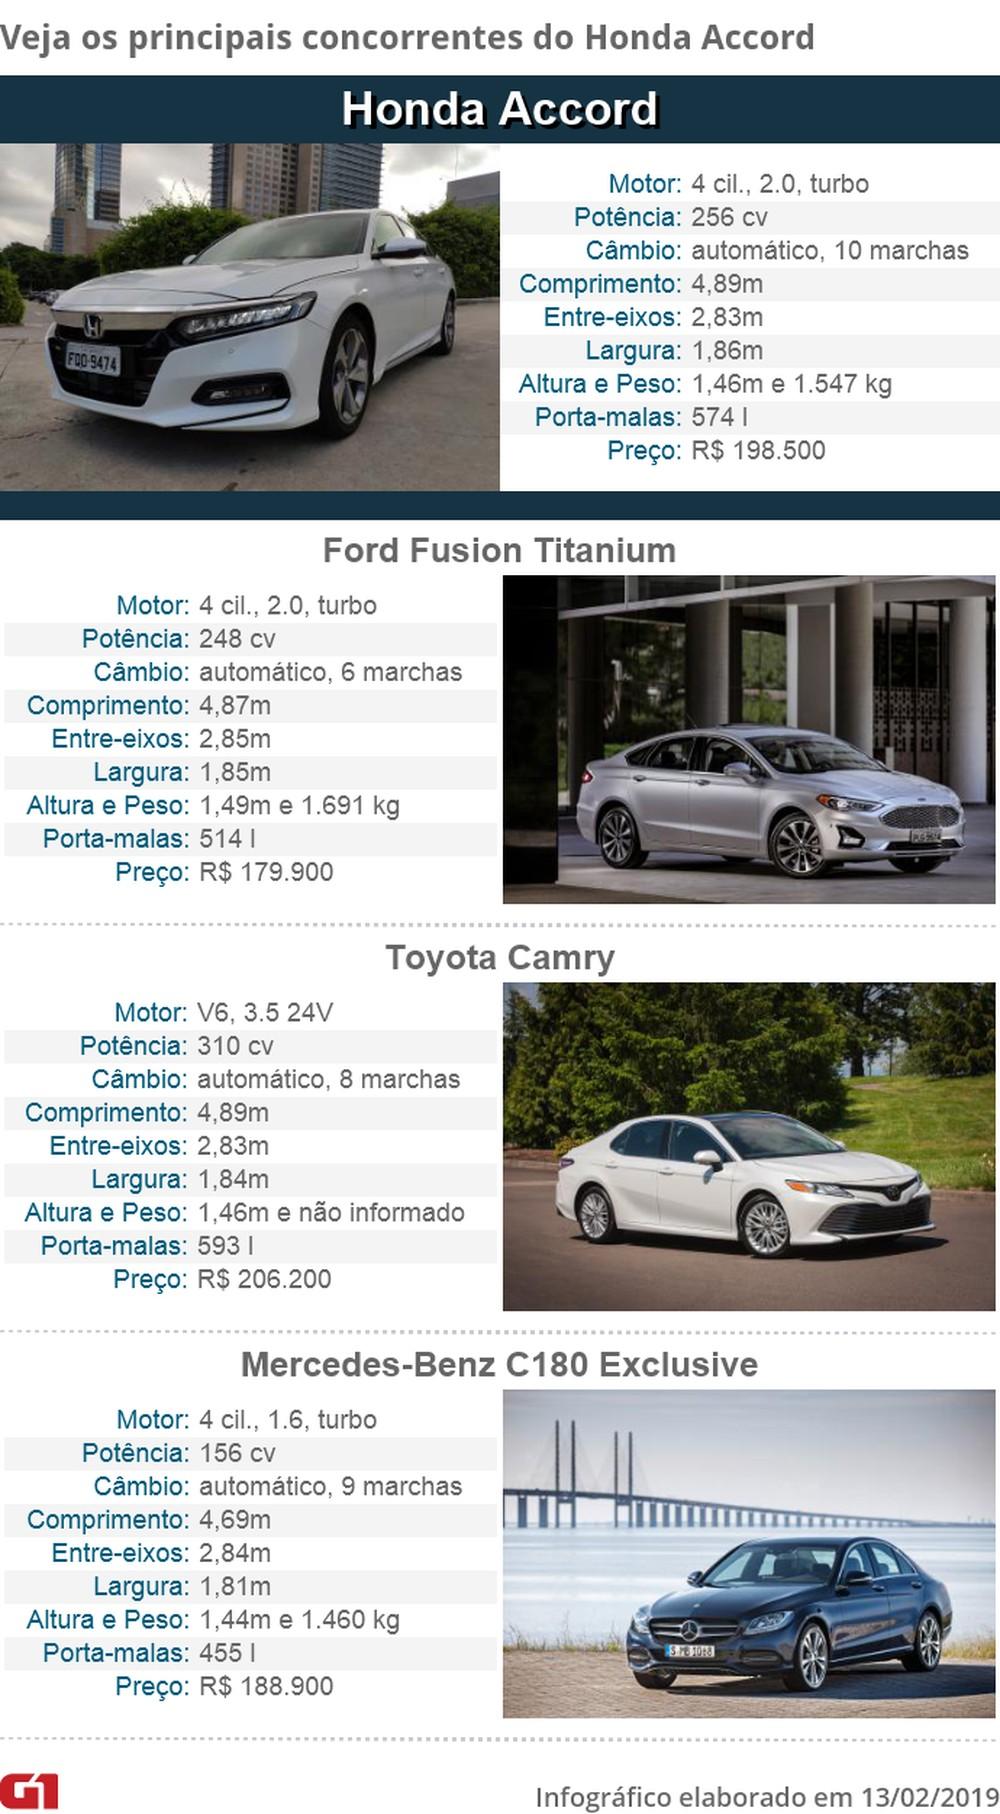 Honda Accord 2019: primeiras impressões Concor10